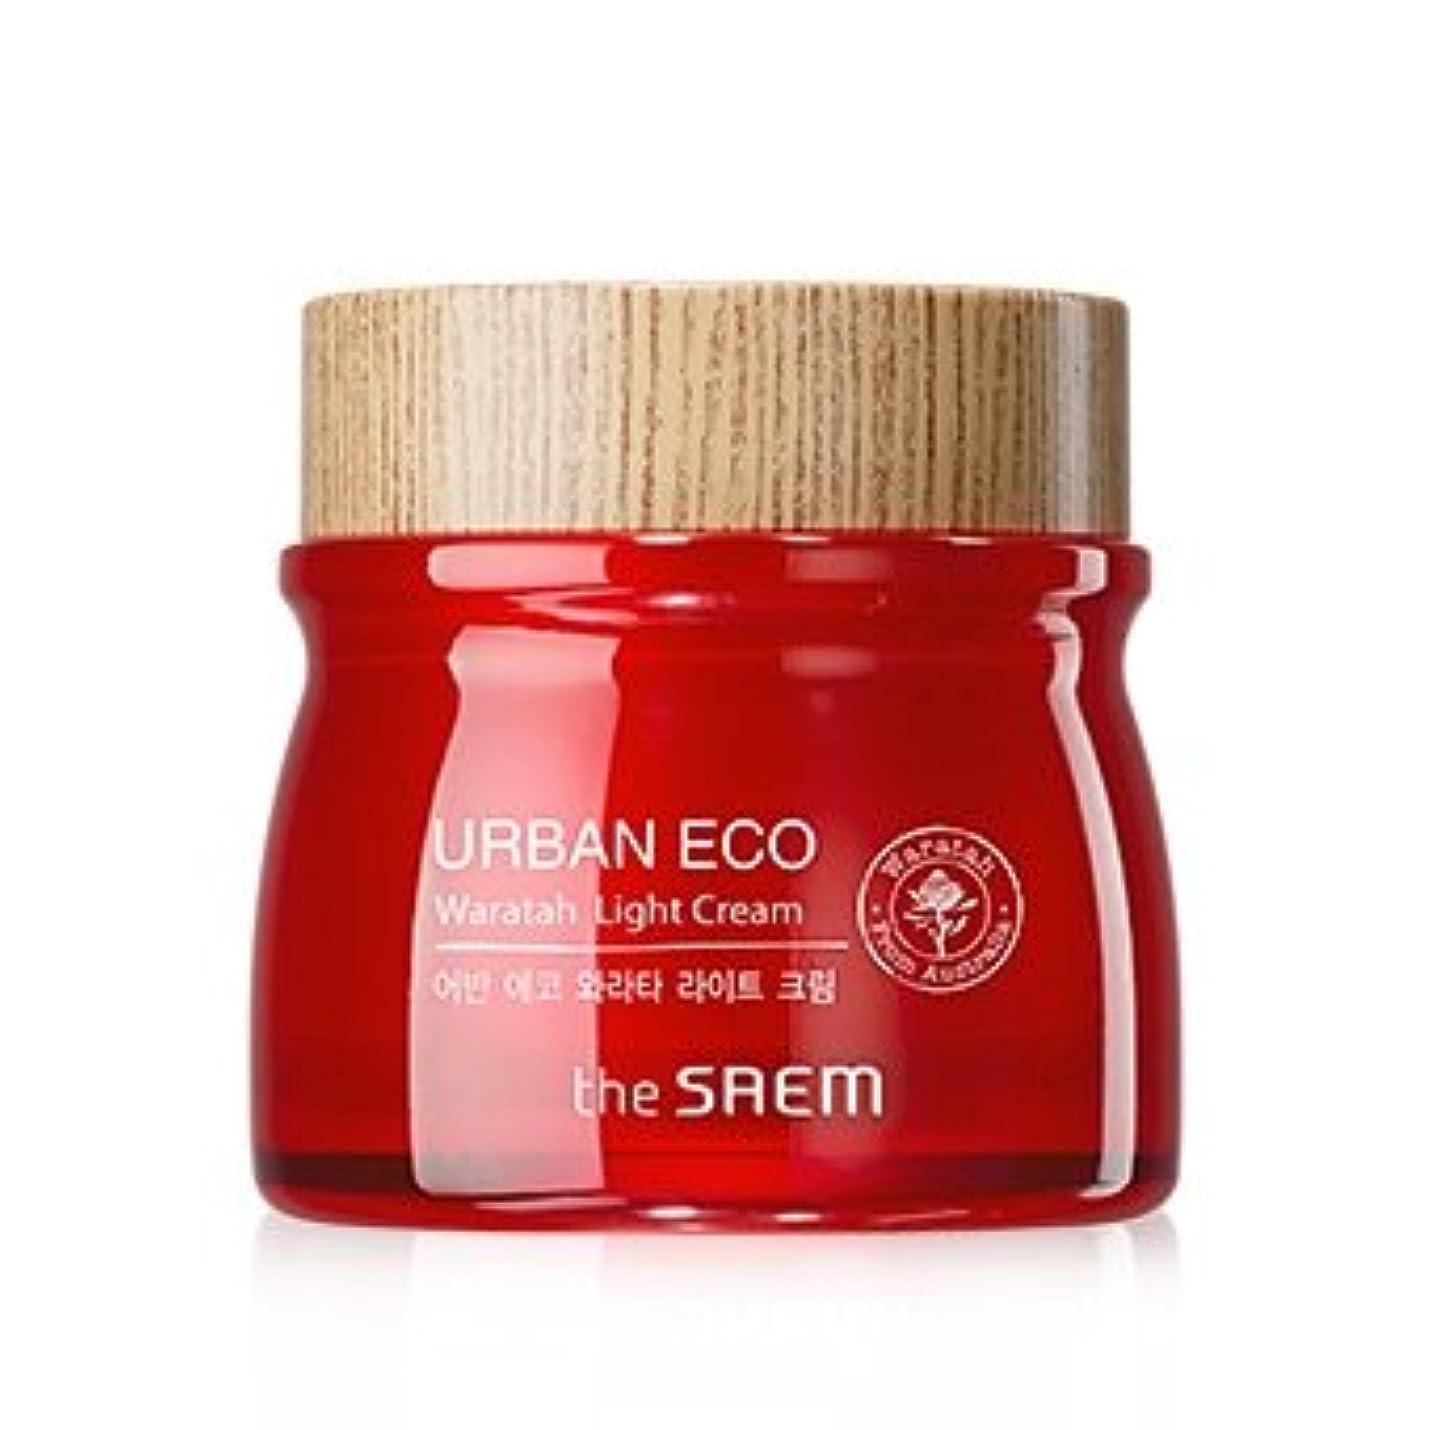 ラジウム拡張リンクThe Saem Urban Eco Waratah Light Cream 60ml ドセム アーバンエコワラターライトクリーム60ml[並行輸入品]